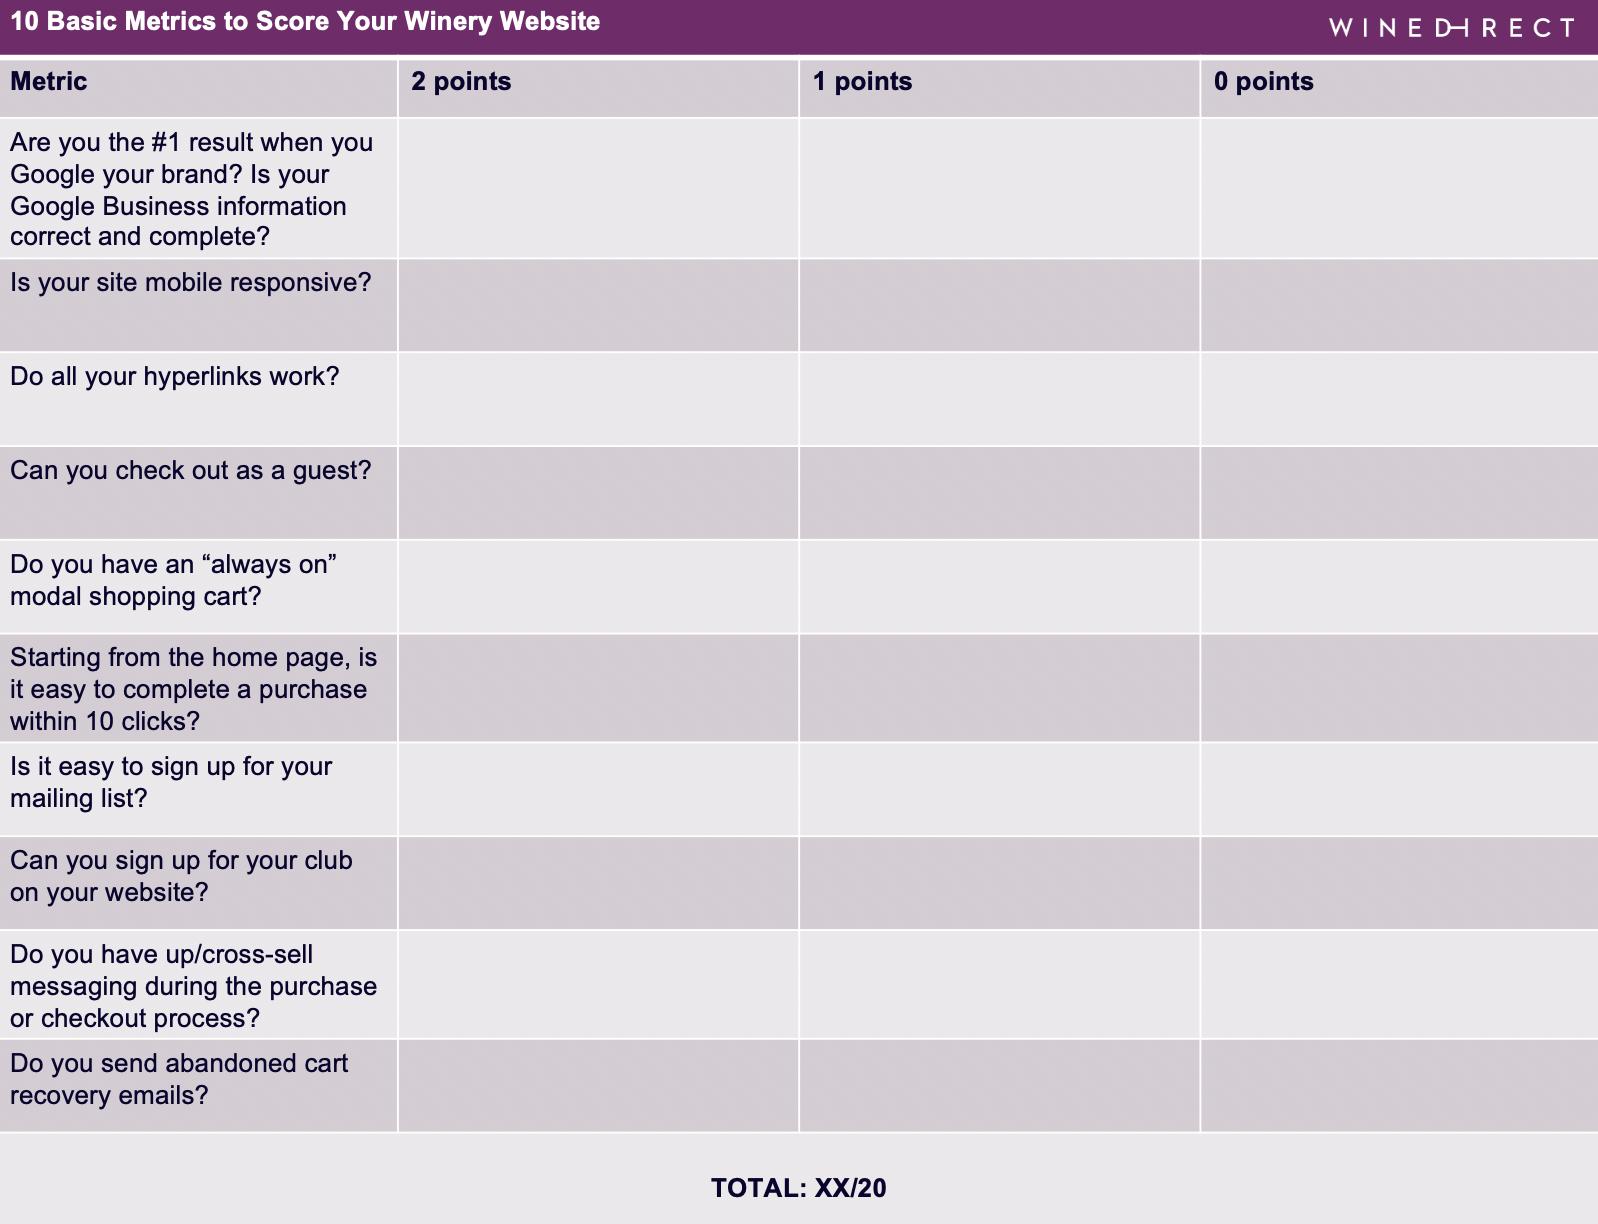 Website-checklist-chart-WineDirect.png#asset:9843